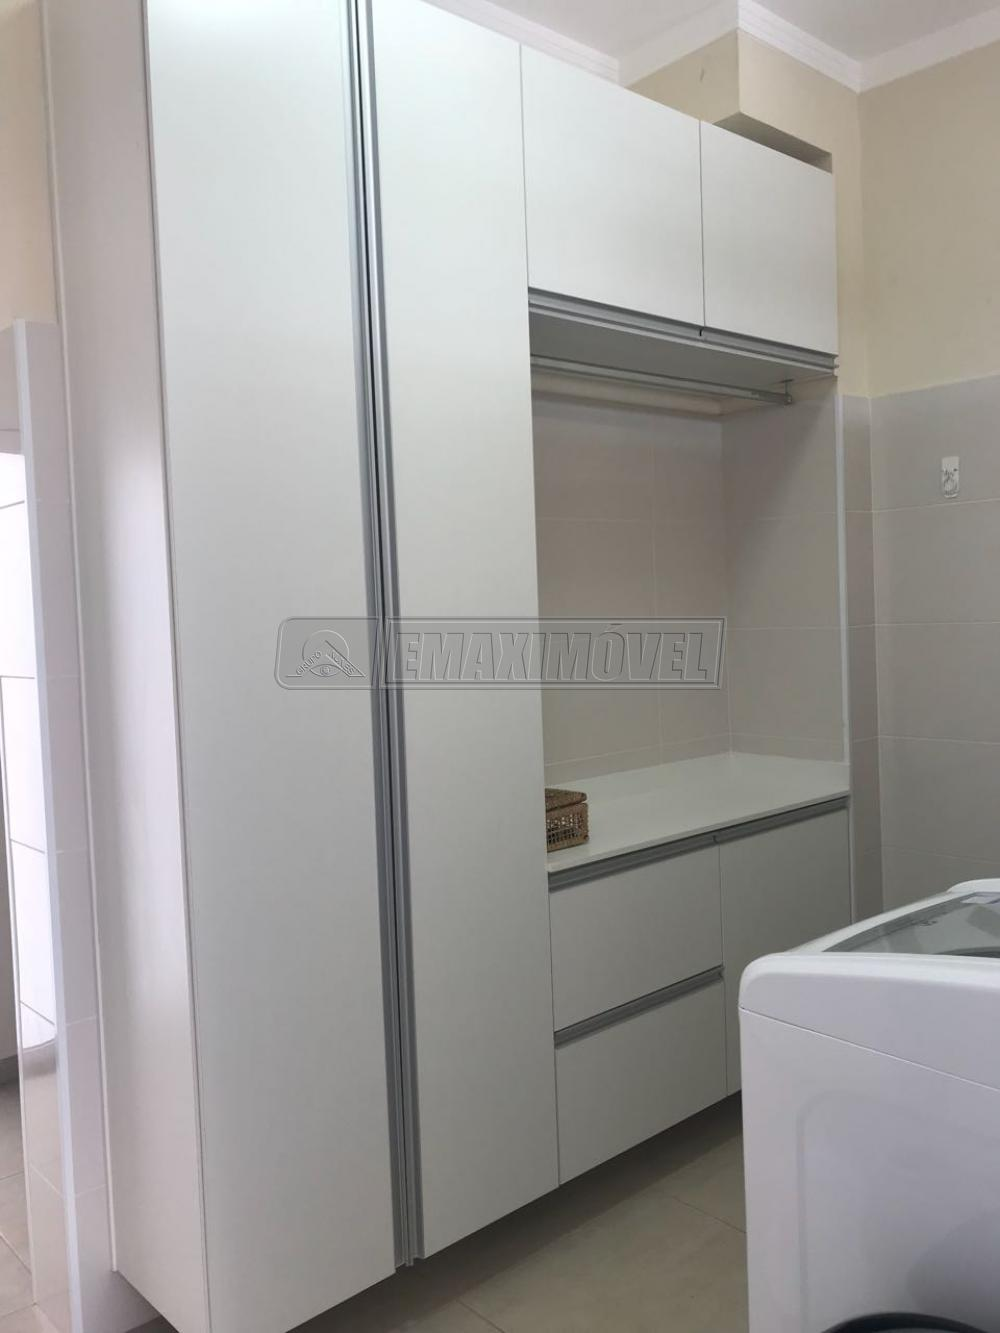 Comprar Casas / em Condomínios em Sorocaba apenas R$ 900.000,00 - Foto 21